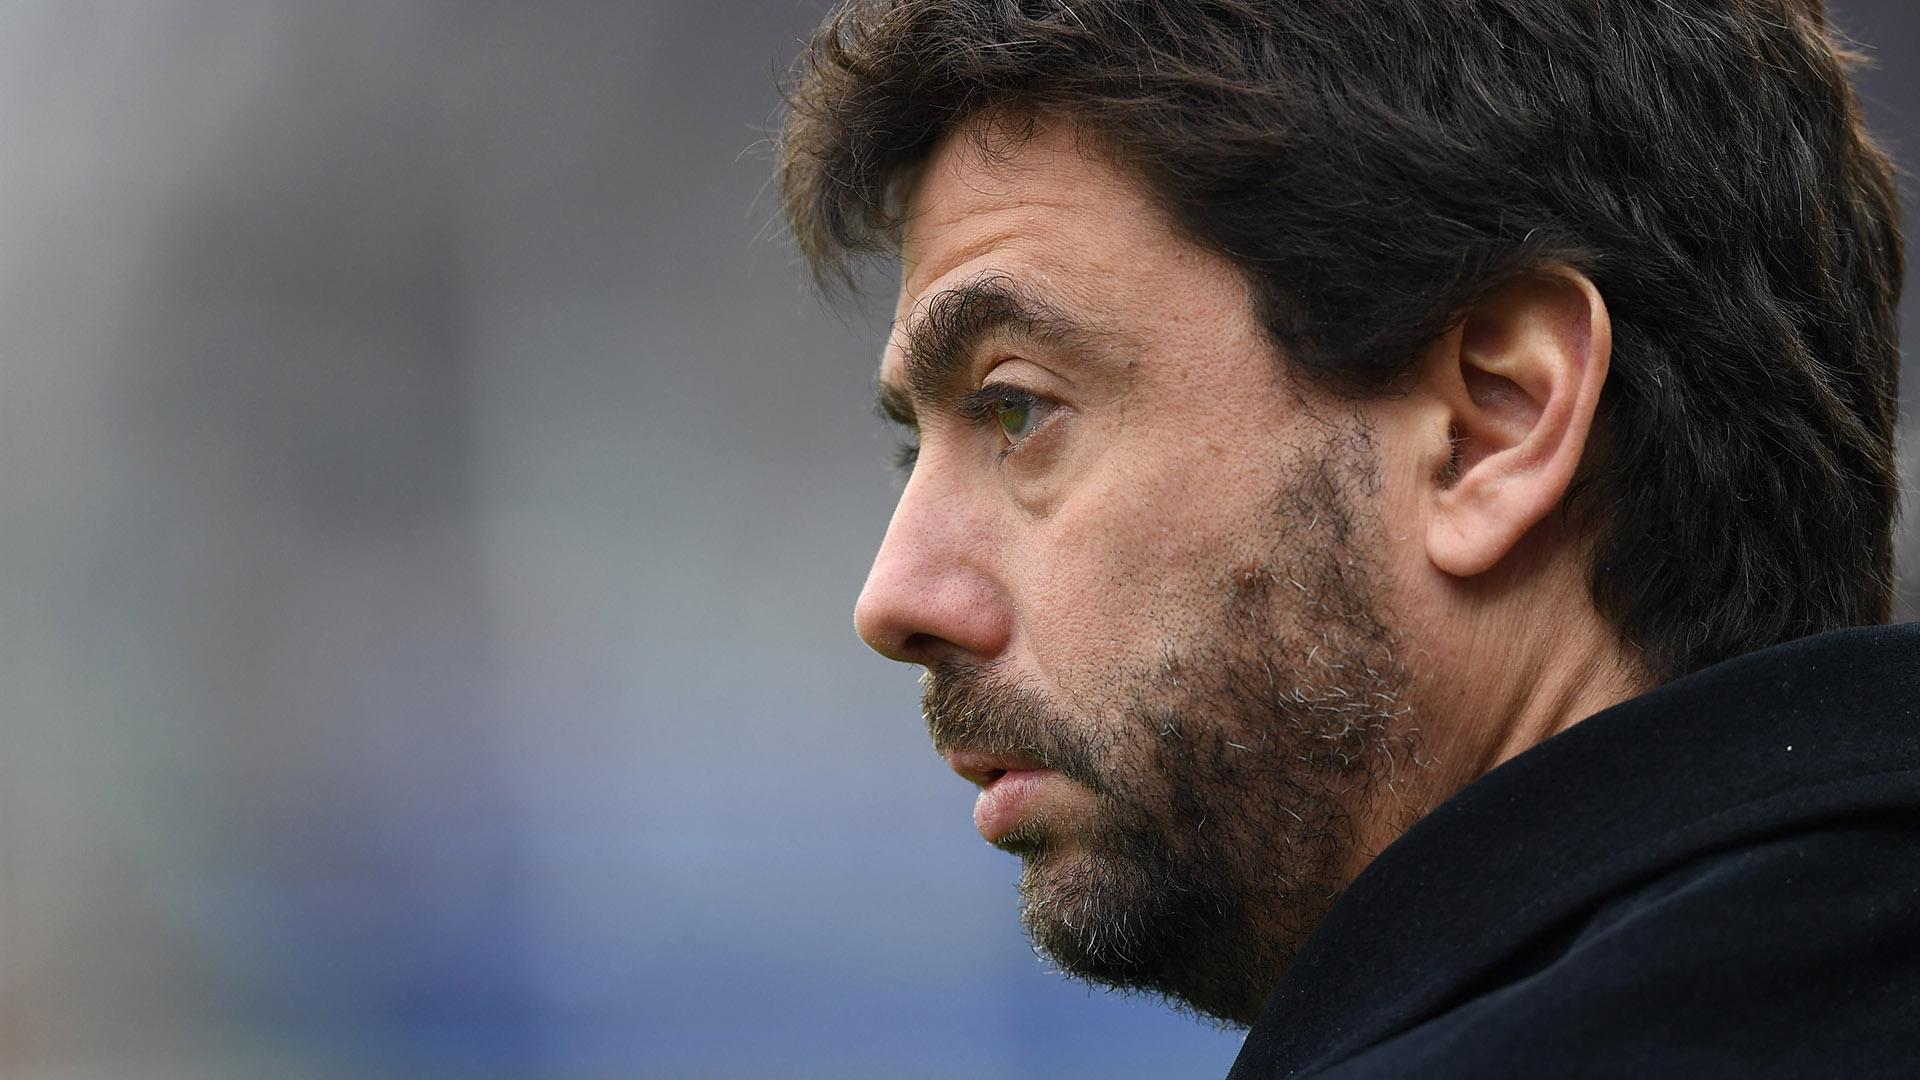 Juventus, via al processo-biglietti: non ci sarà nessun patteggiamento